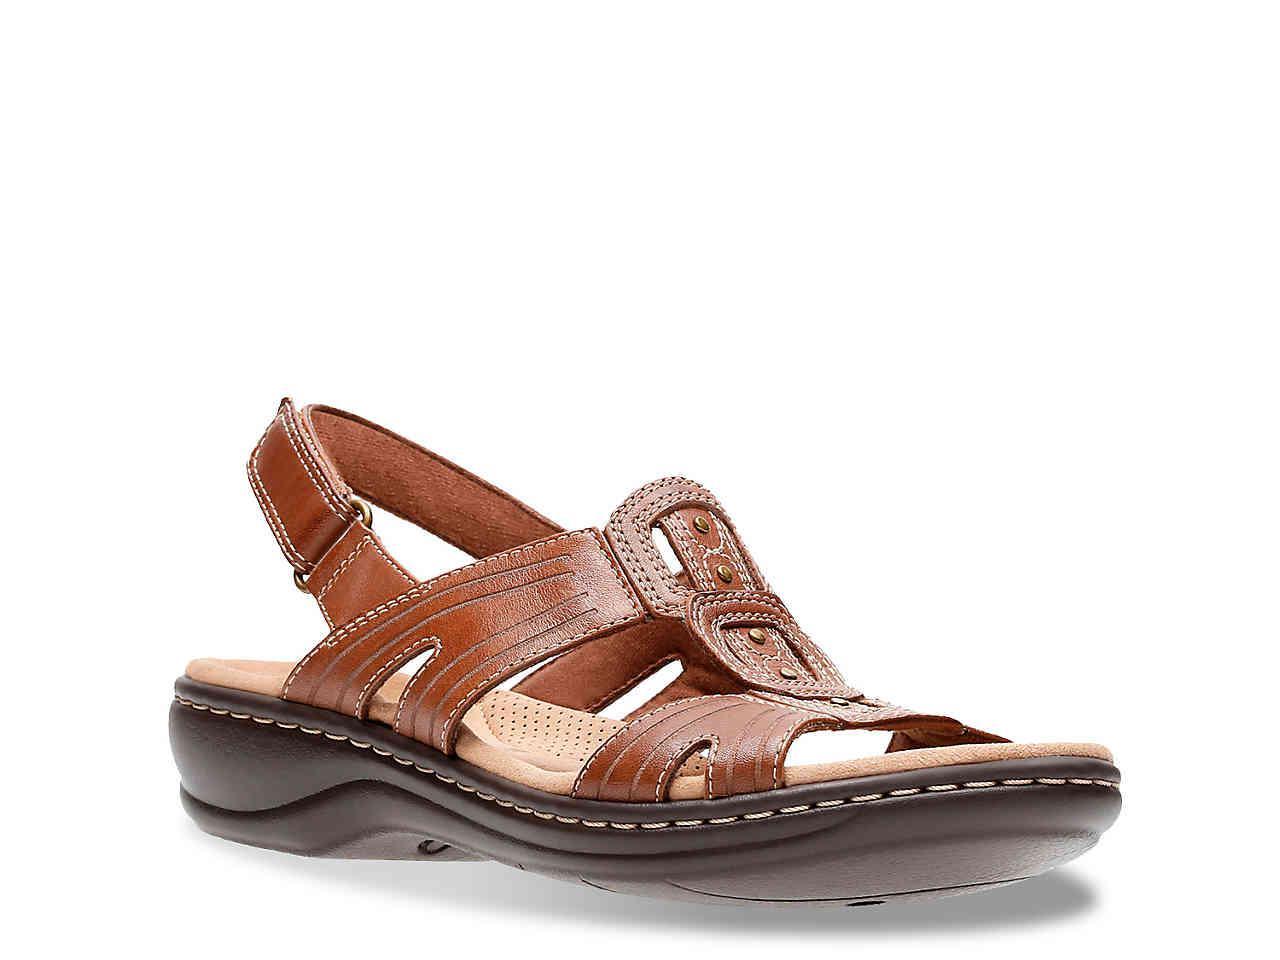 c058f43651e Lyst - Clarks Leisa Vine Sandal in Brown